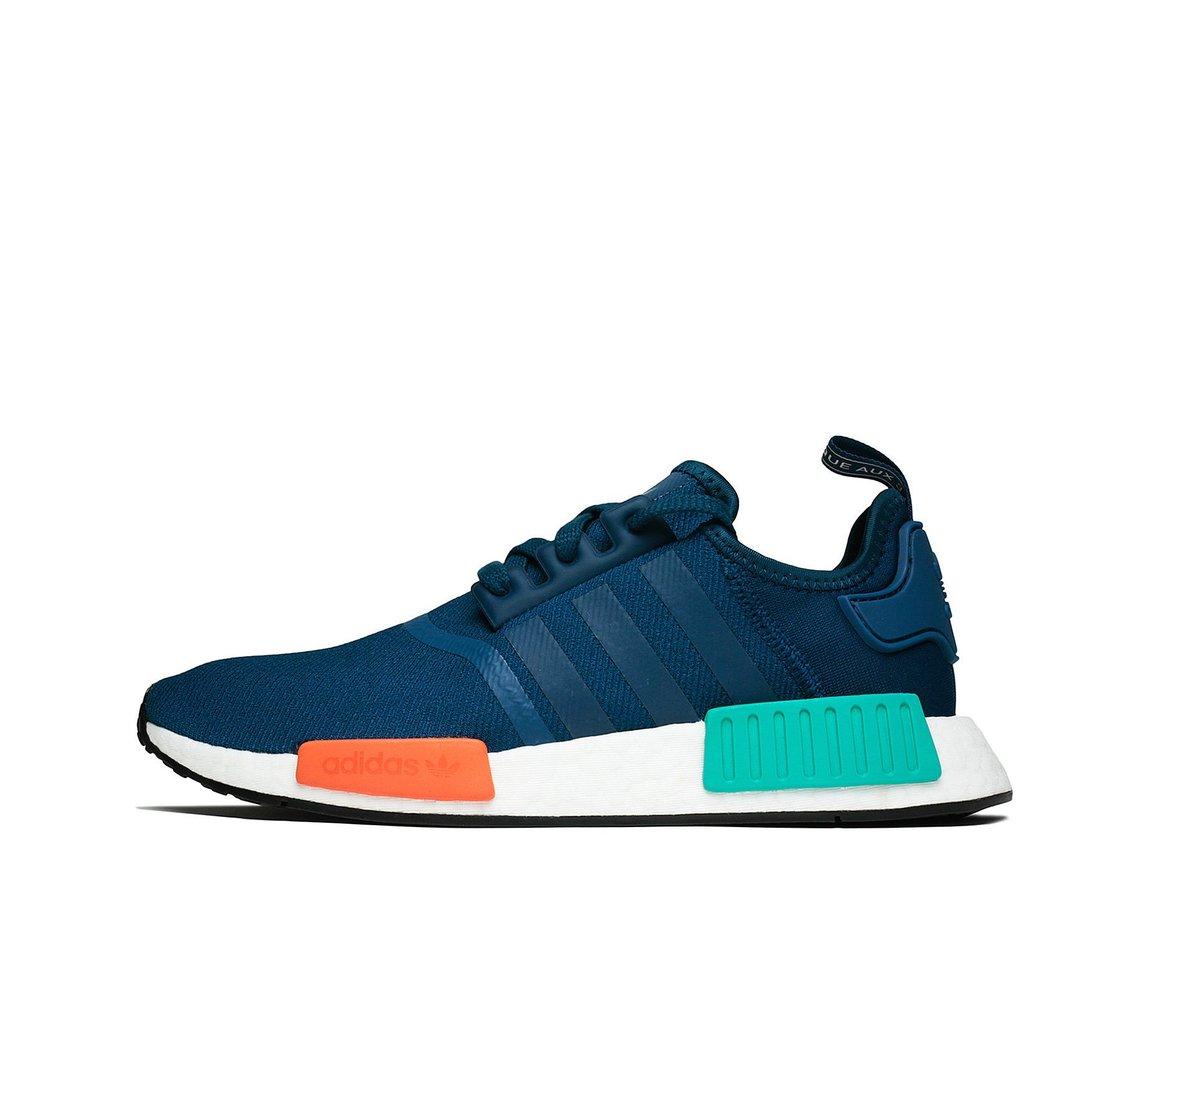 7762e8ac26337 Sneaker Shouts™ on Twitter